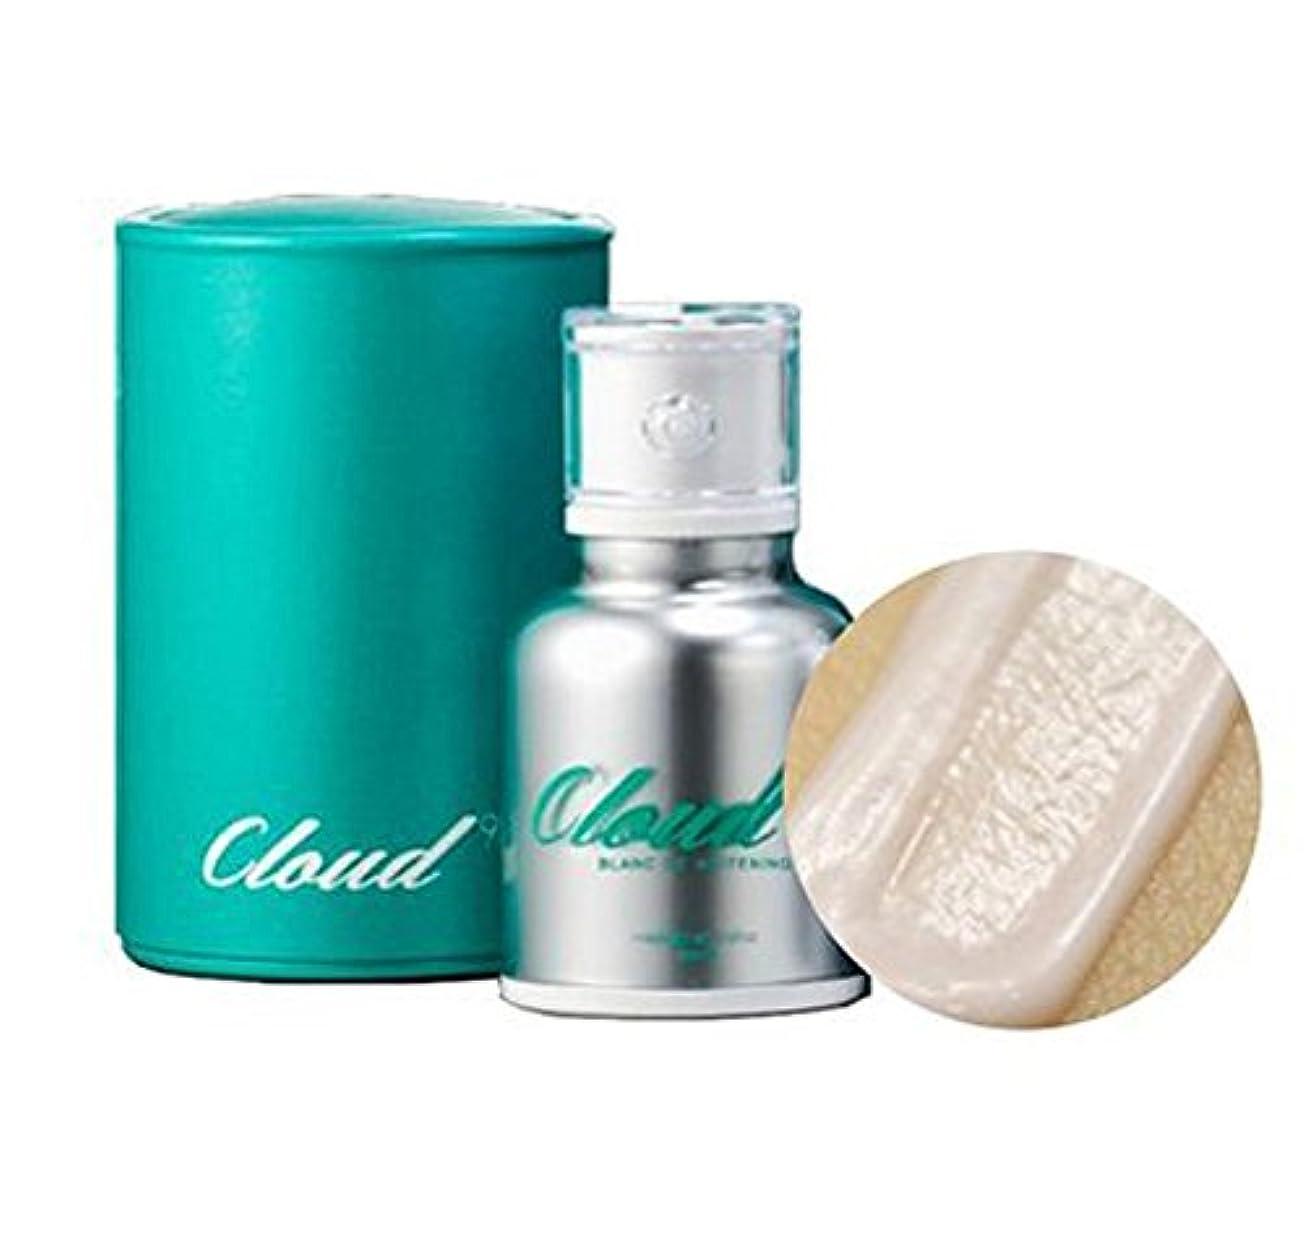 アサー役員レザー[Cloud9] ホワイトニングセラム30ml / ブライトニング、ファーミング、ハイドレーティング / Whitening Serum 30ml / Brightening, Firming, Hydrating /...